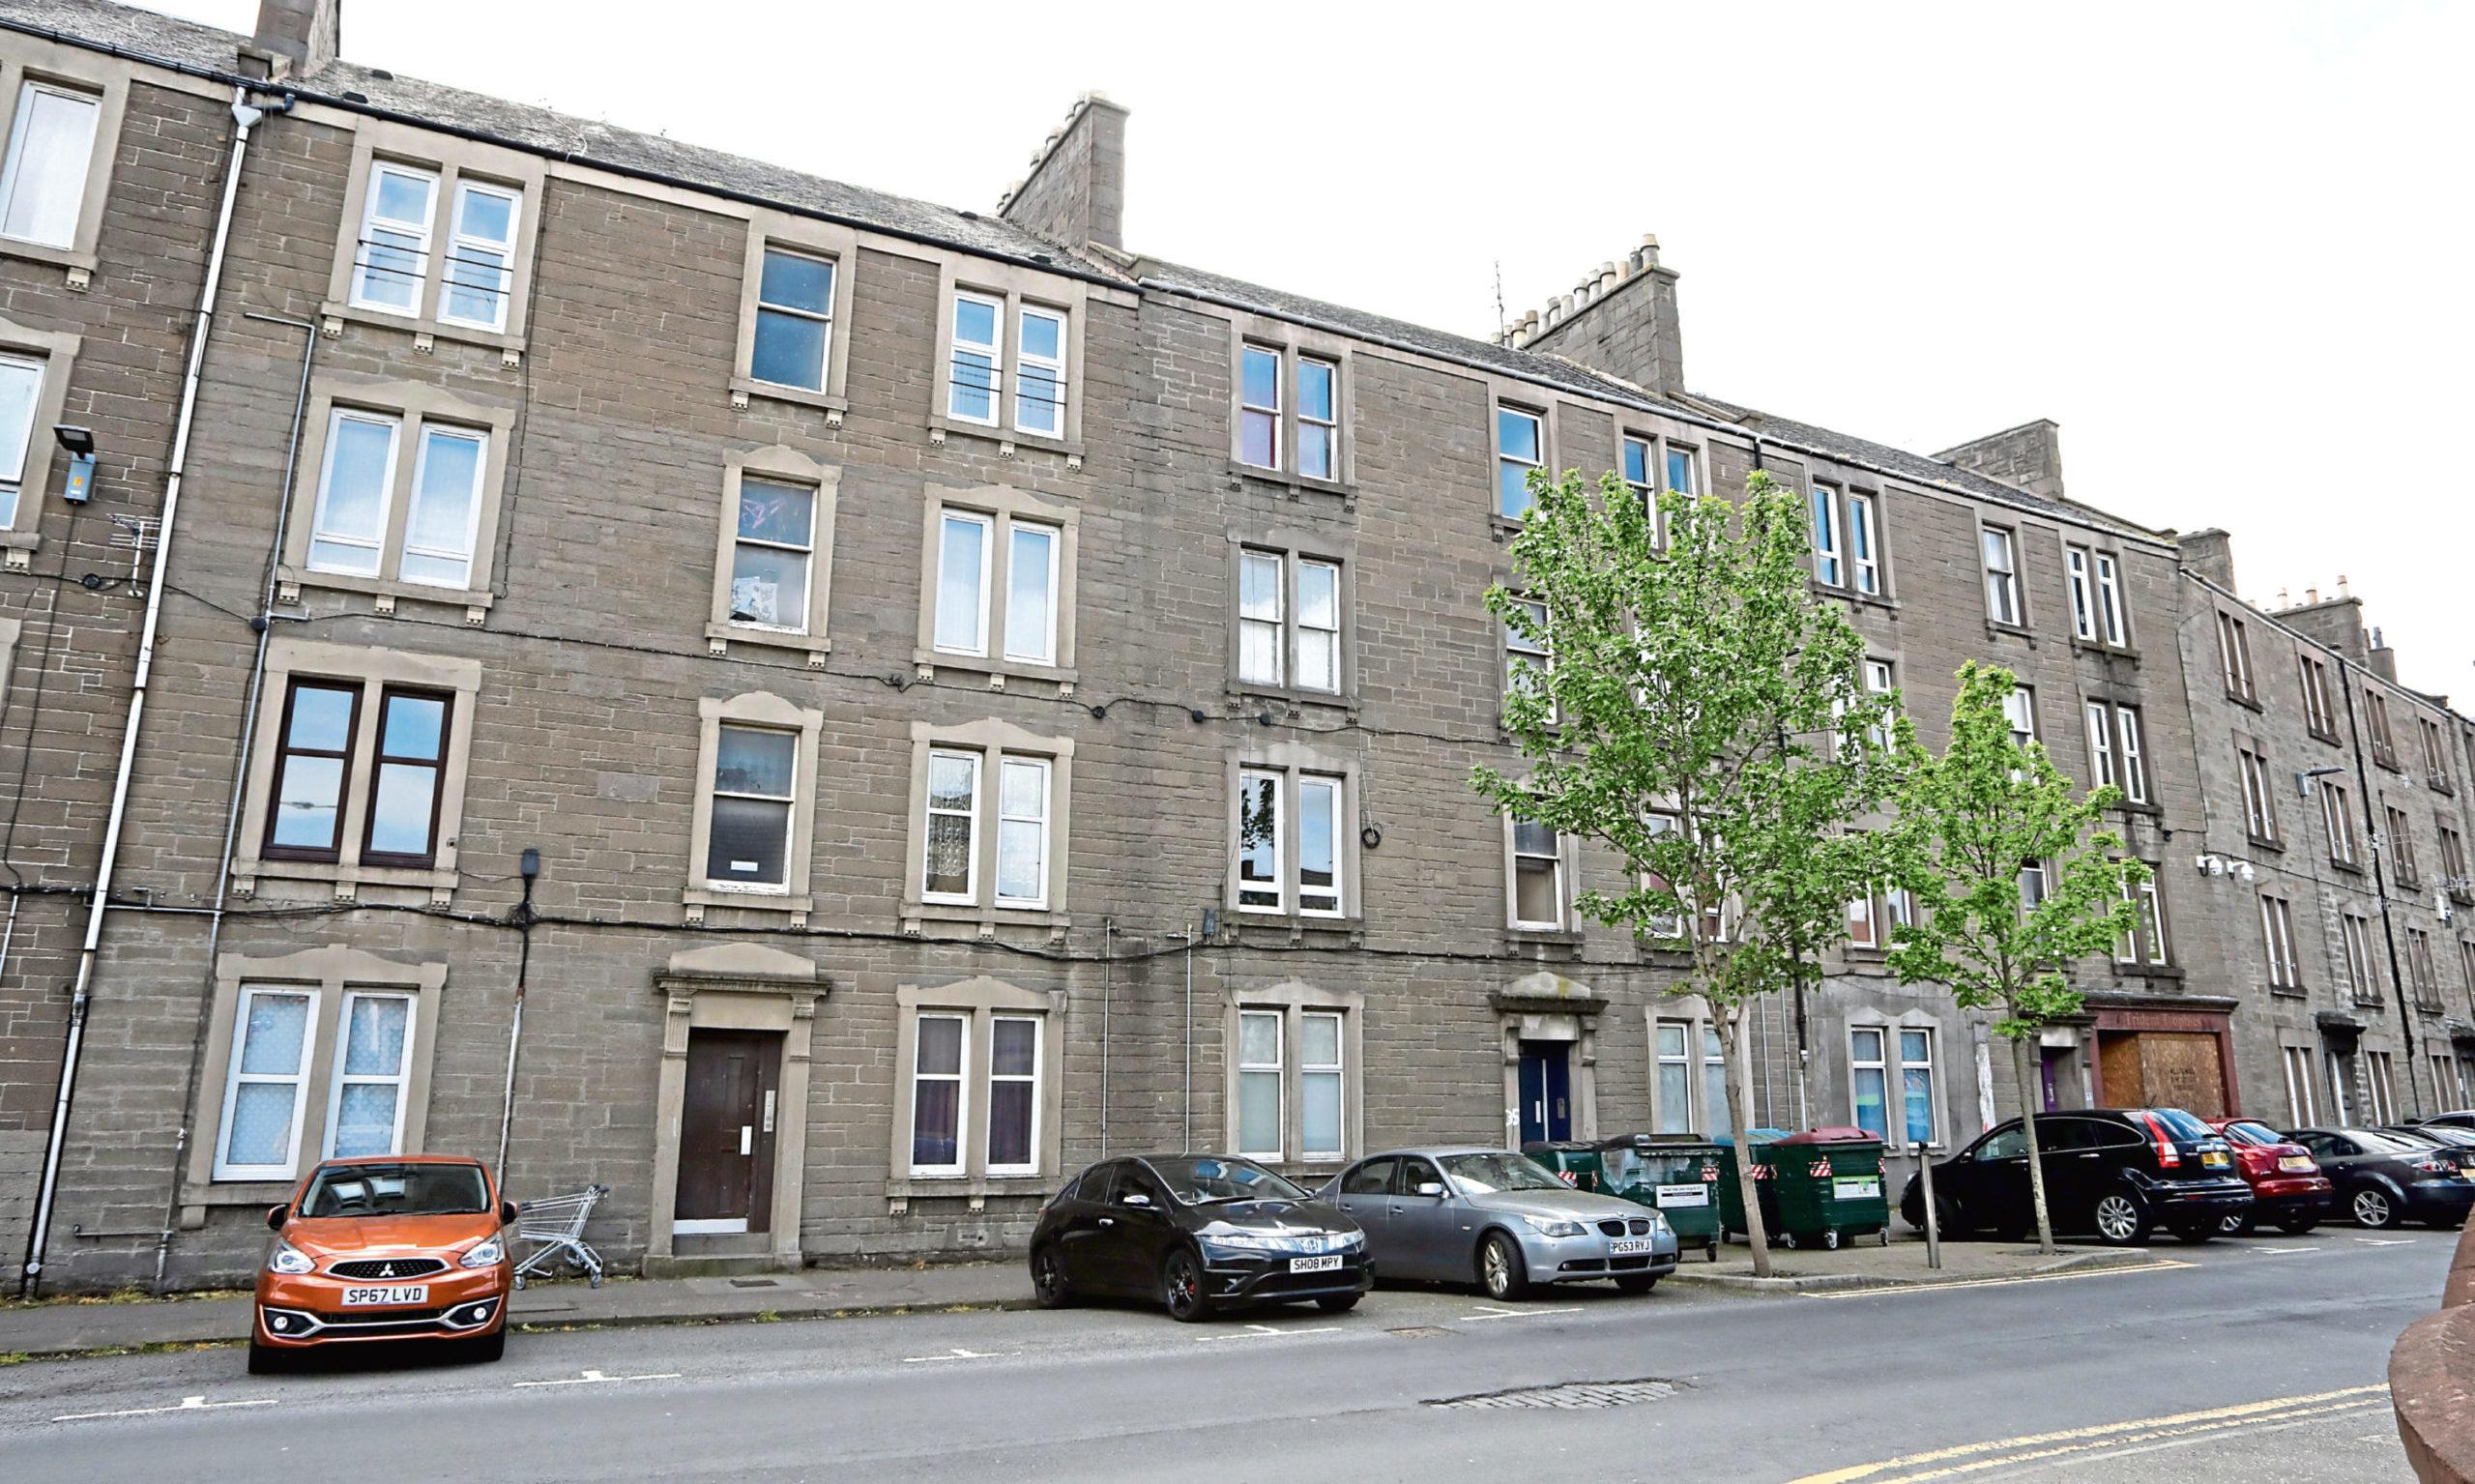 Dundonald Street, Dundee.